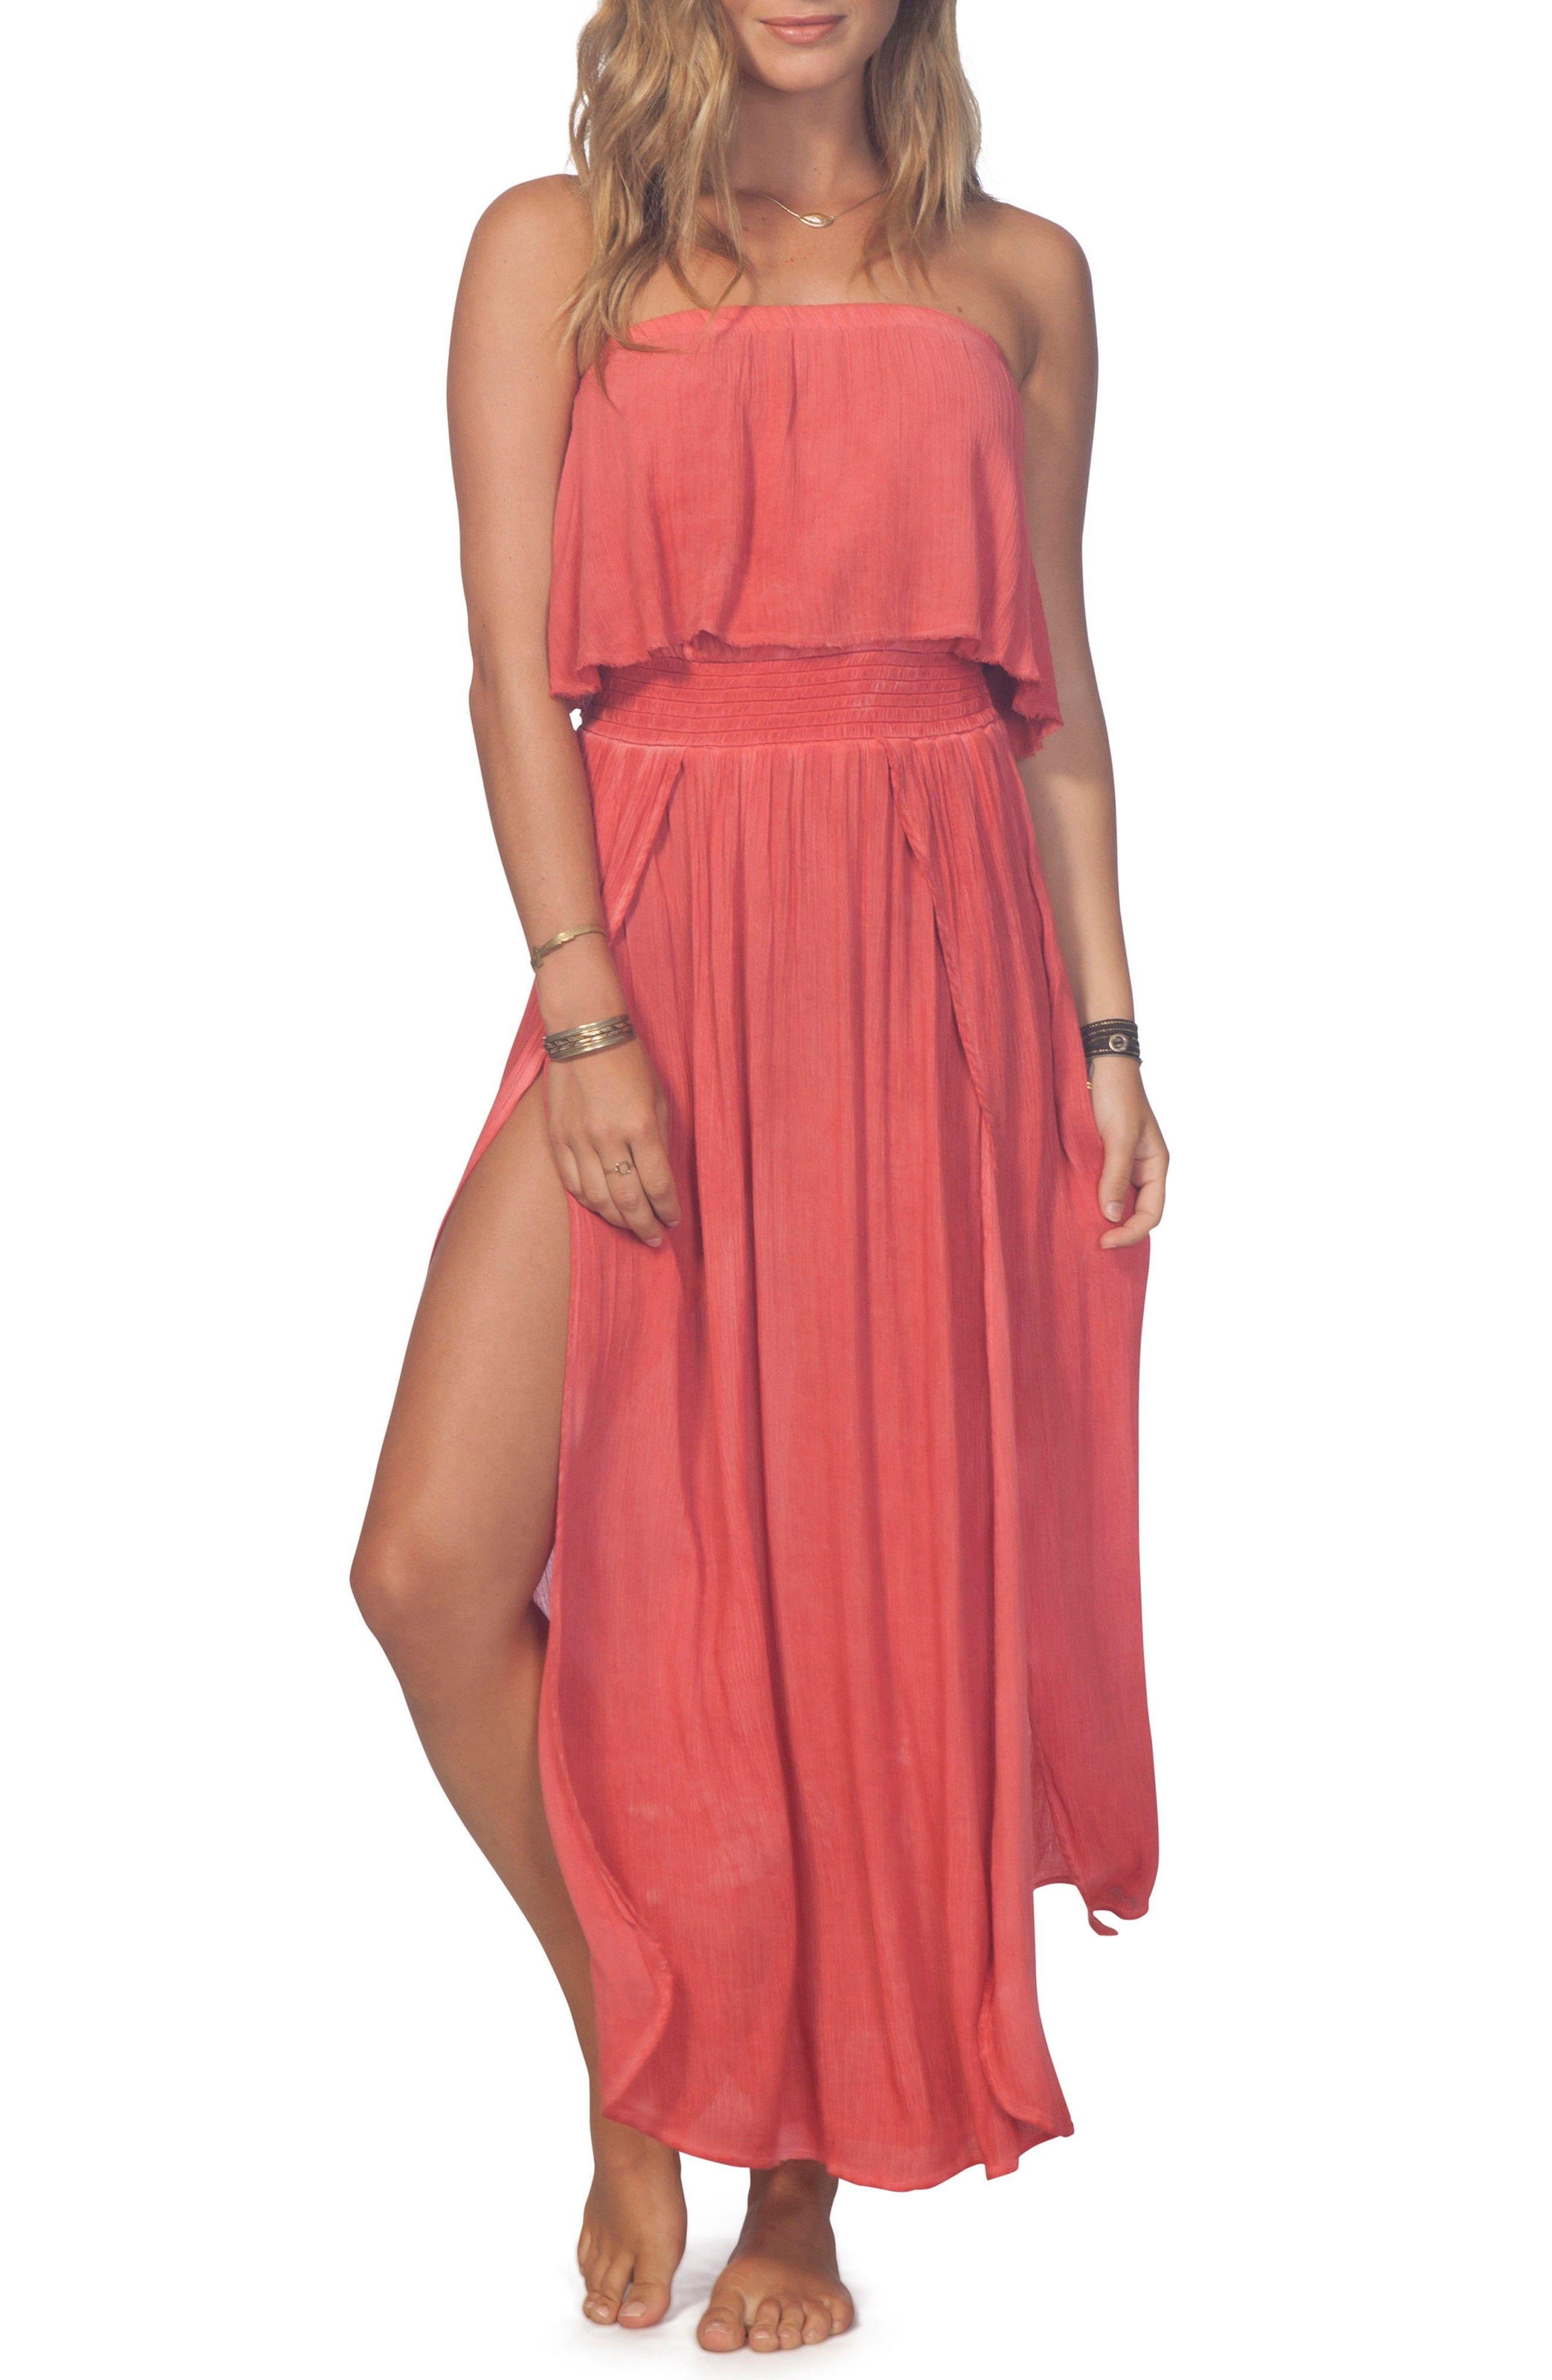 Maxi Dresses Tube Maxi Dresses Dresses Boho Maxi Dress [ 1920 x 1080 Pixel ]